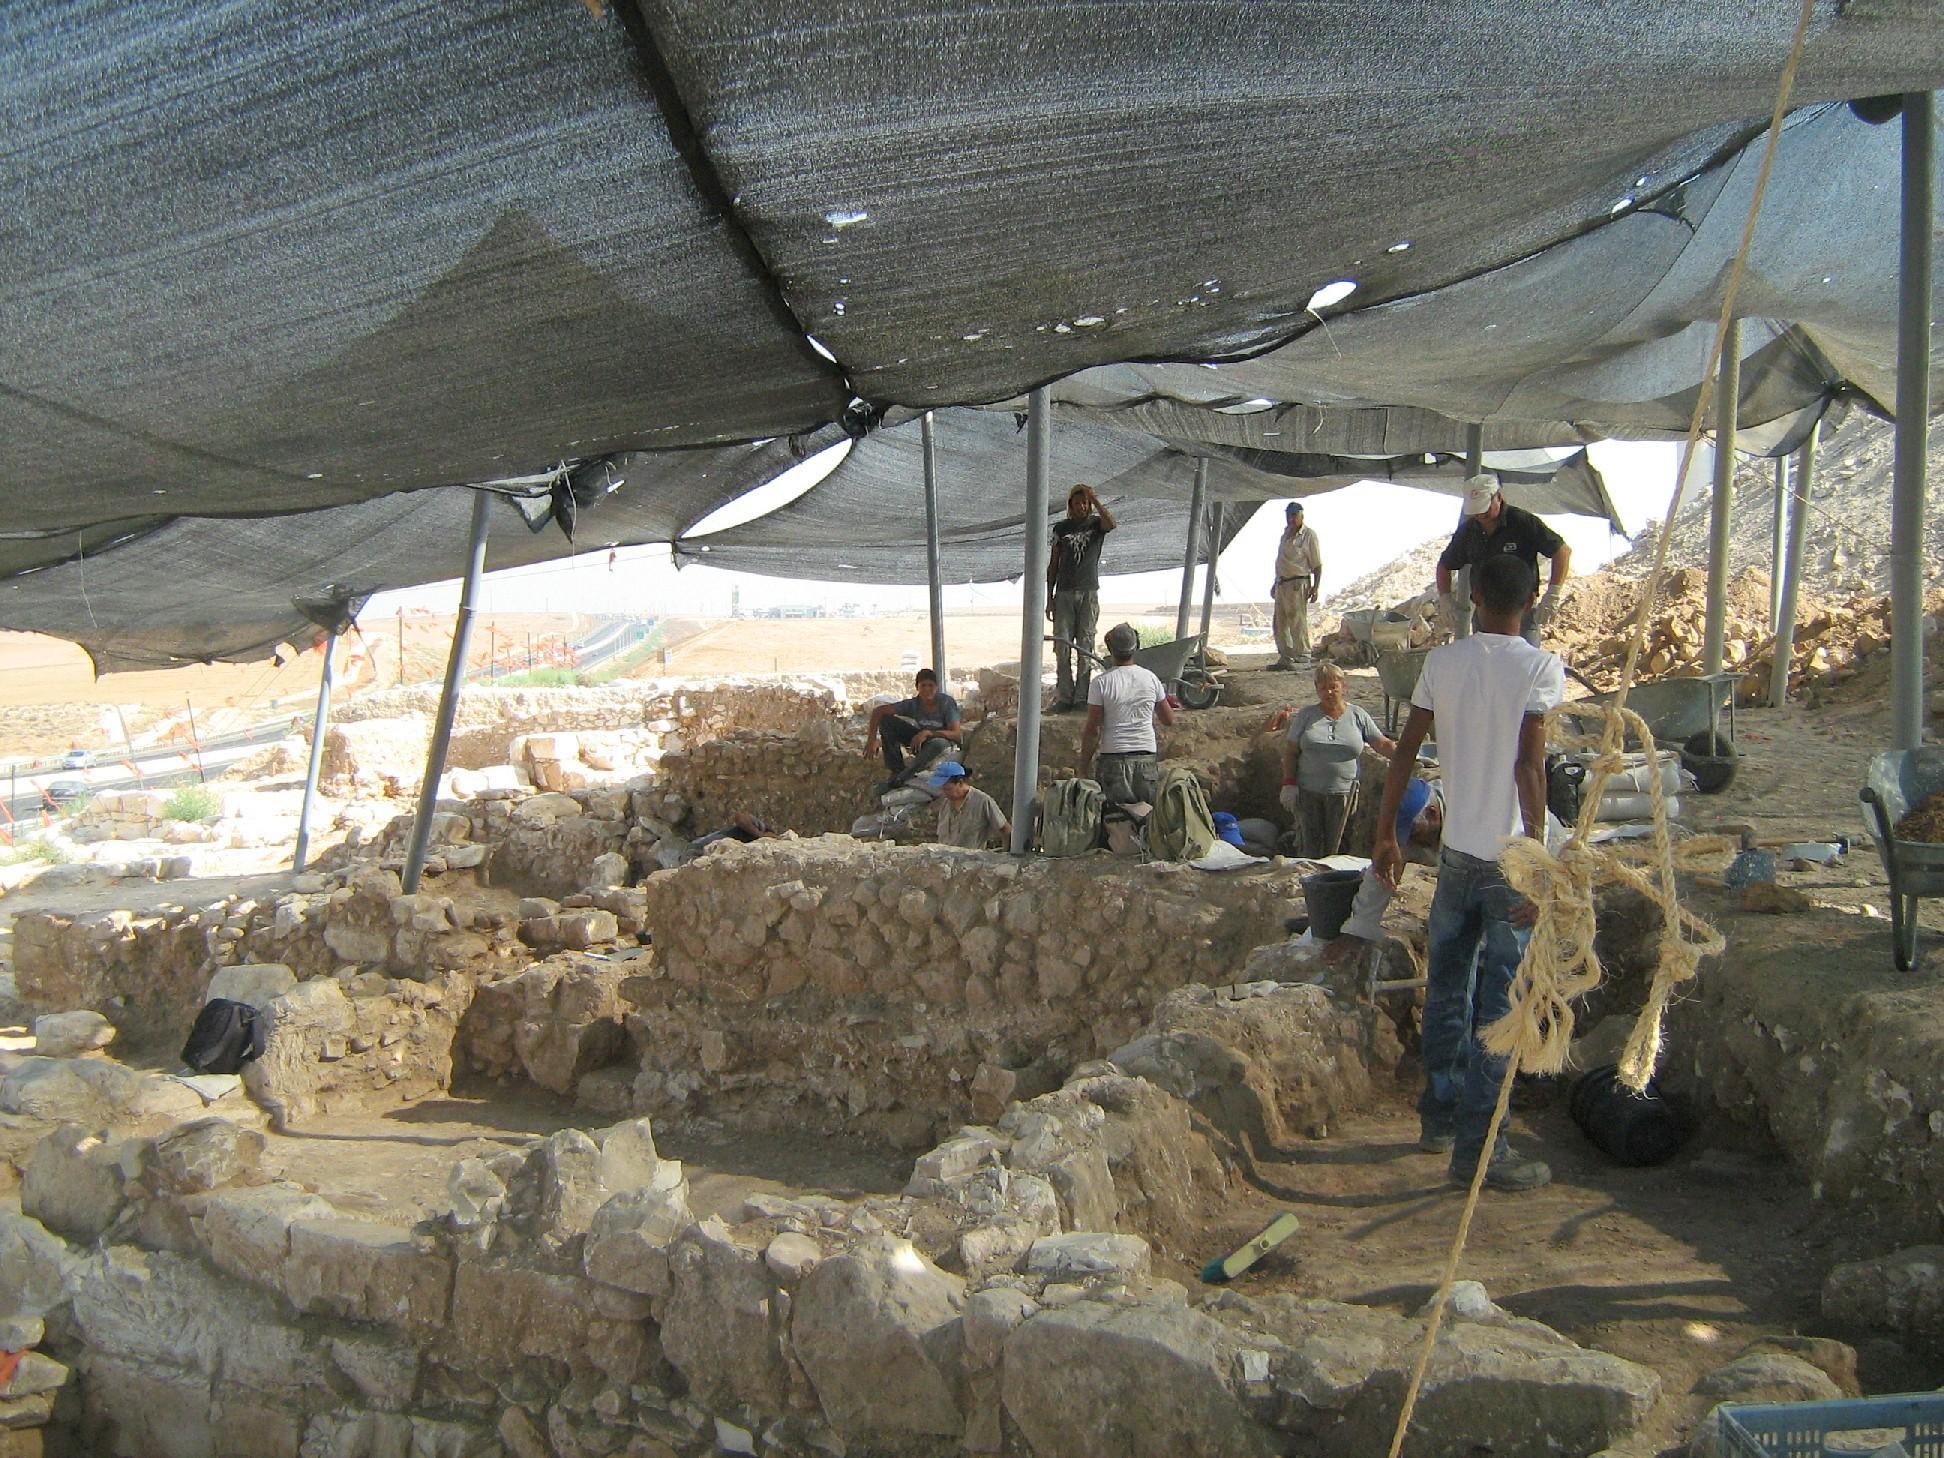 צילום החפירה הארכיאולוגית: ניר שמשון פארן, באדיבות רשות העתיקות